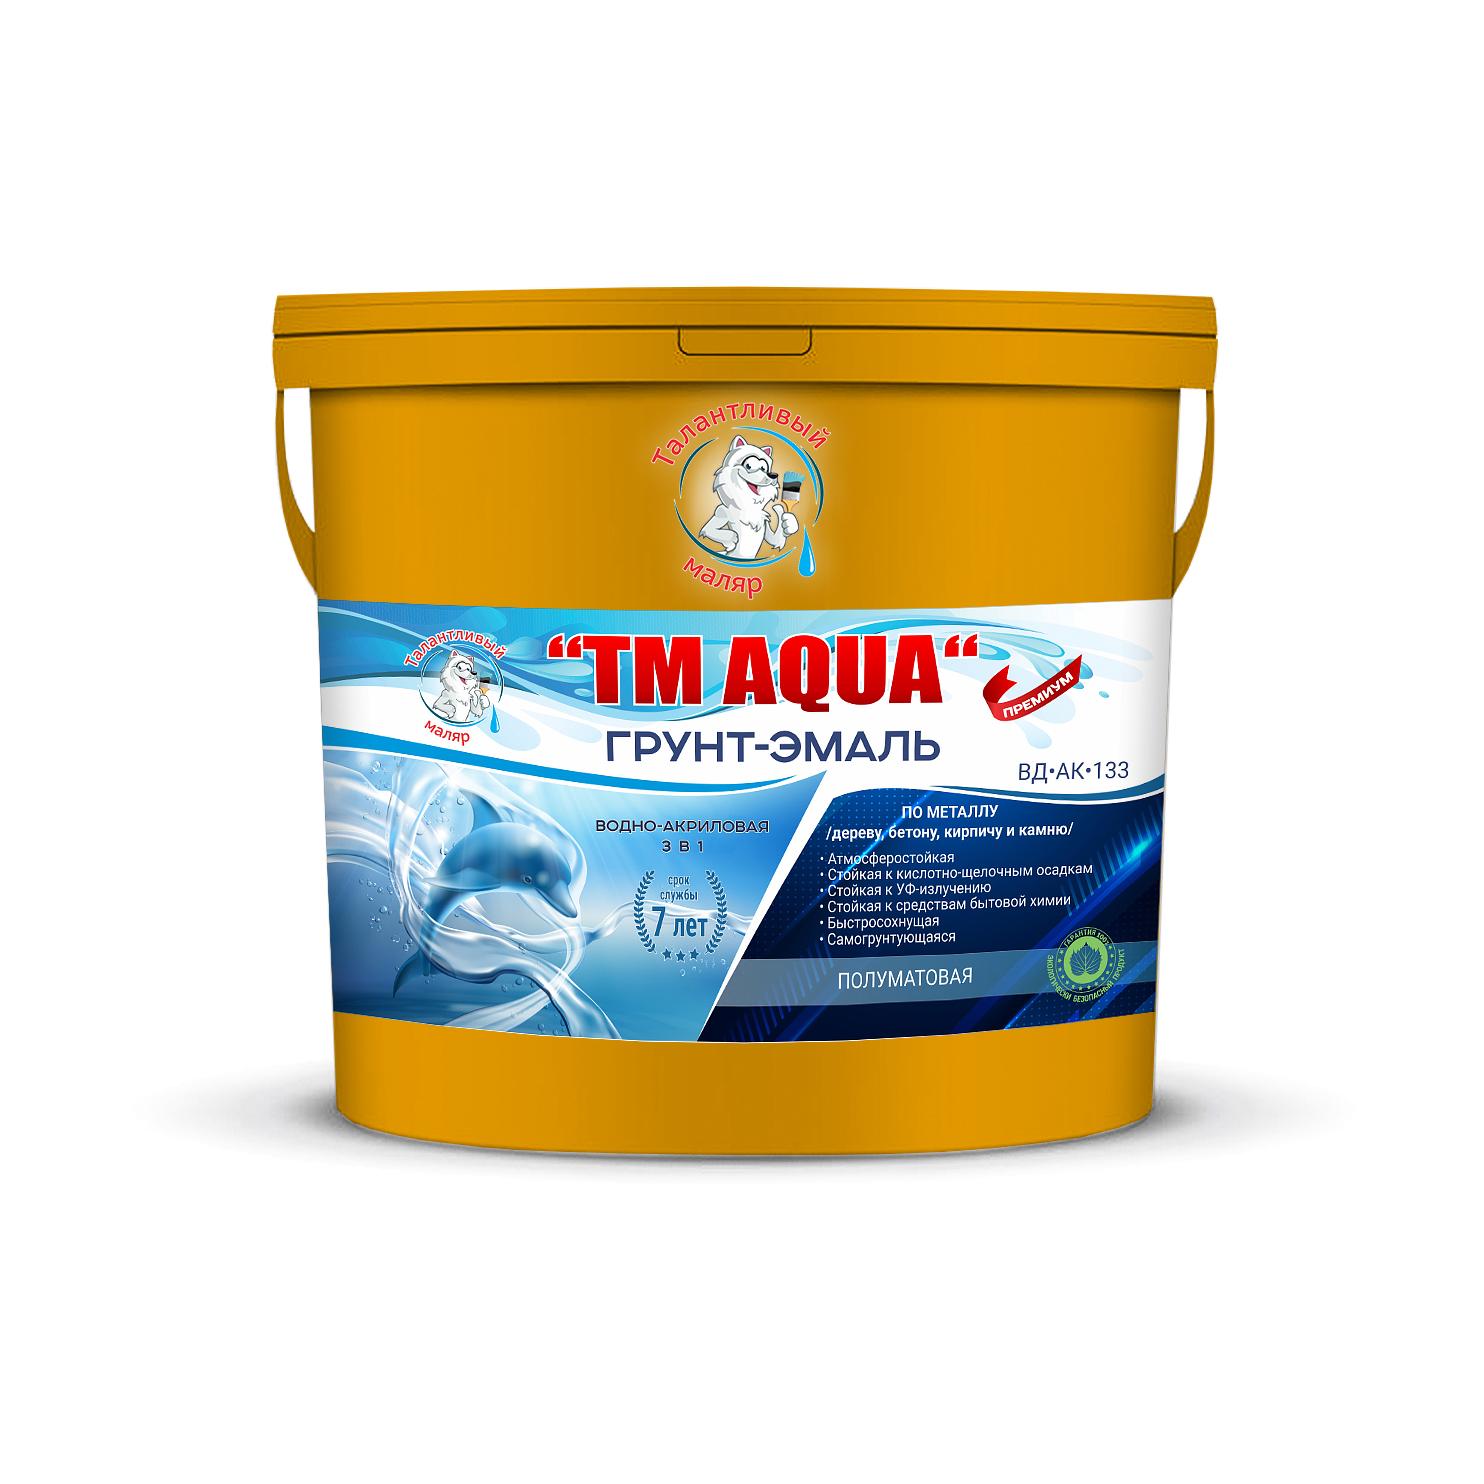 Фото 15 - Грунт-Эмаль 'TM-AQUA' RAL 1007 - Желтый нарцисс, 3в1 по ржавчине, водно-акриловая, полуматовая, 10кг 'Талантливый Маляр'.